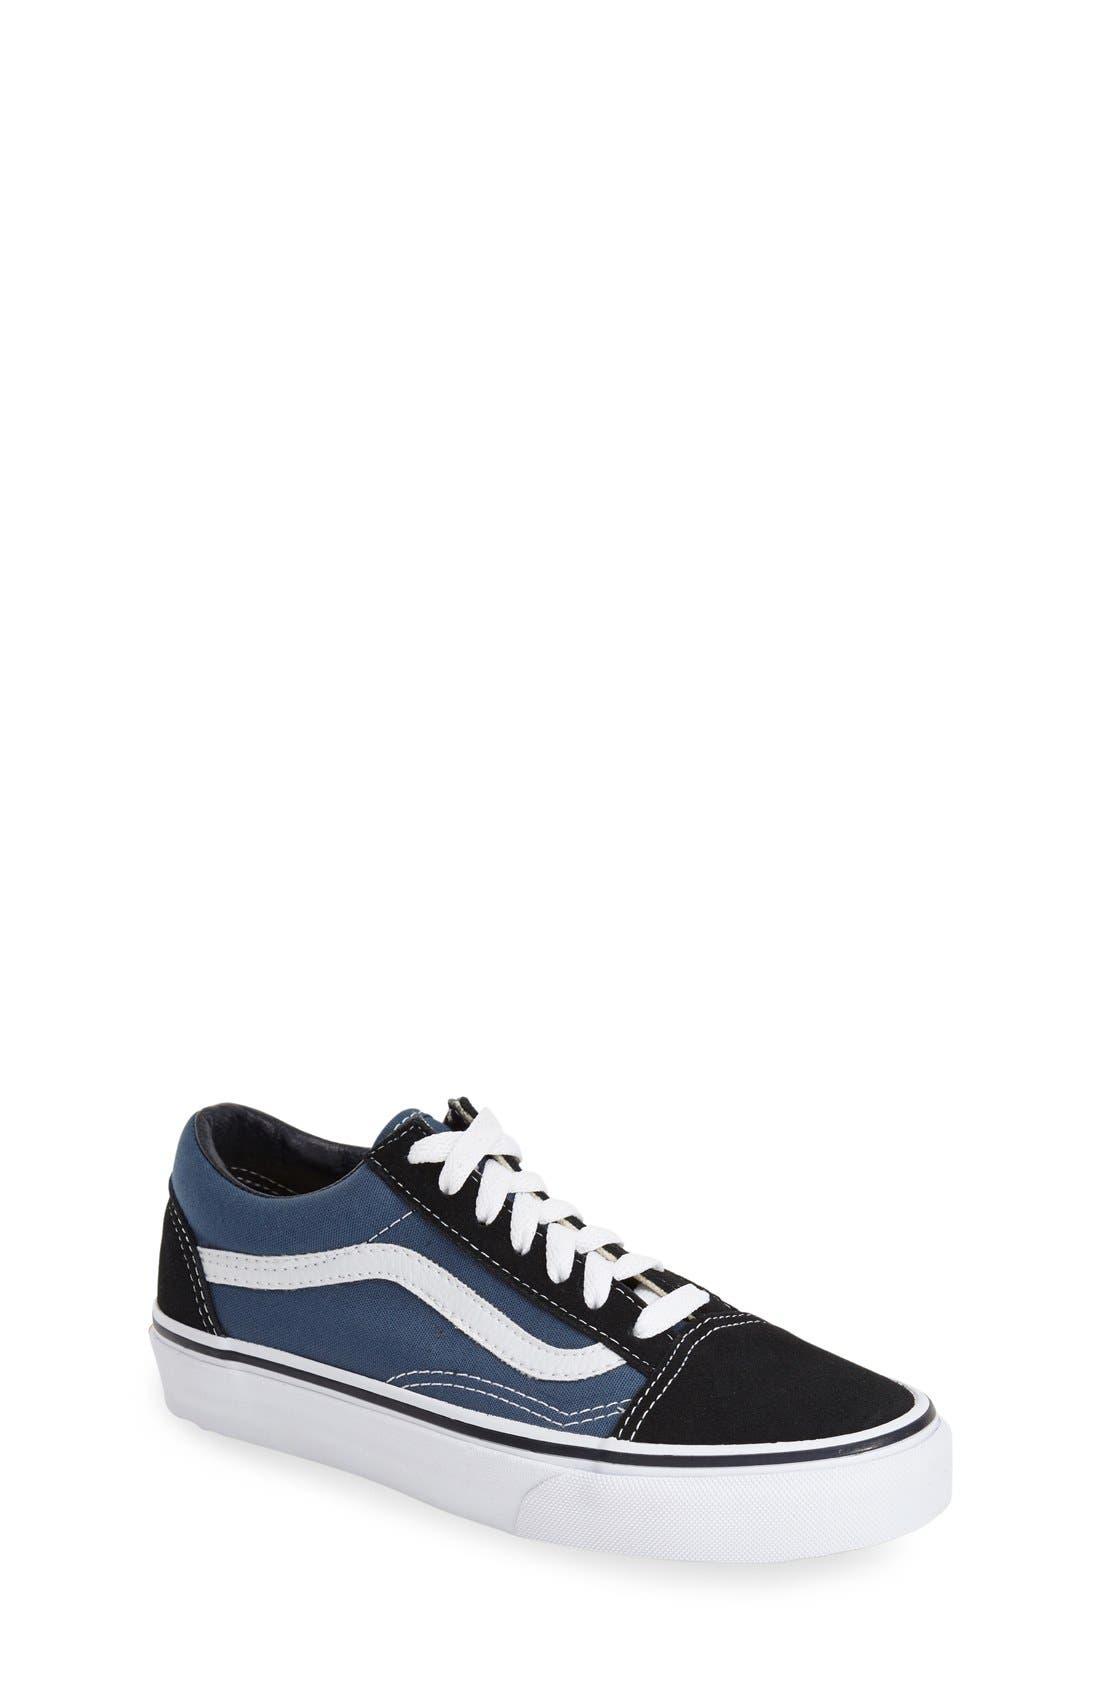 Main Image - Vans 'Old Skool' Sneaker (Big Kid)